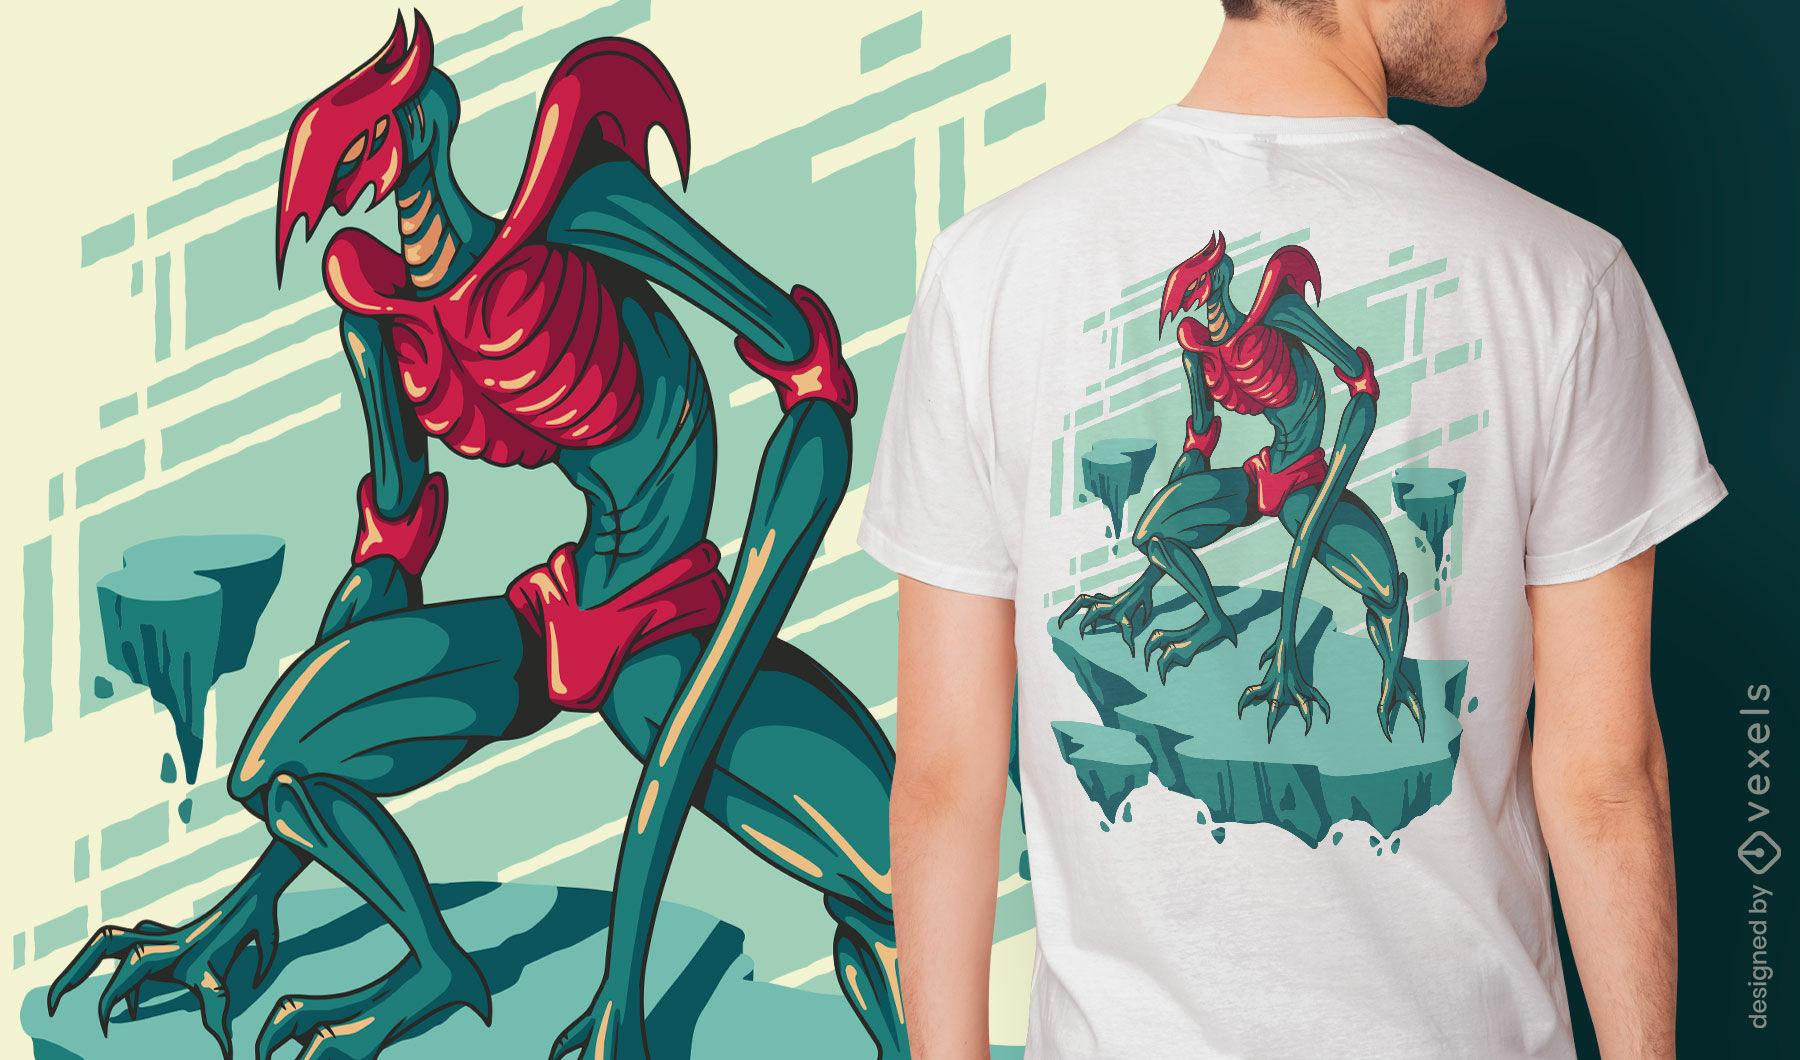 Skelett-Albtraum-Monster-T-Shirt-Design